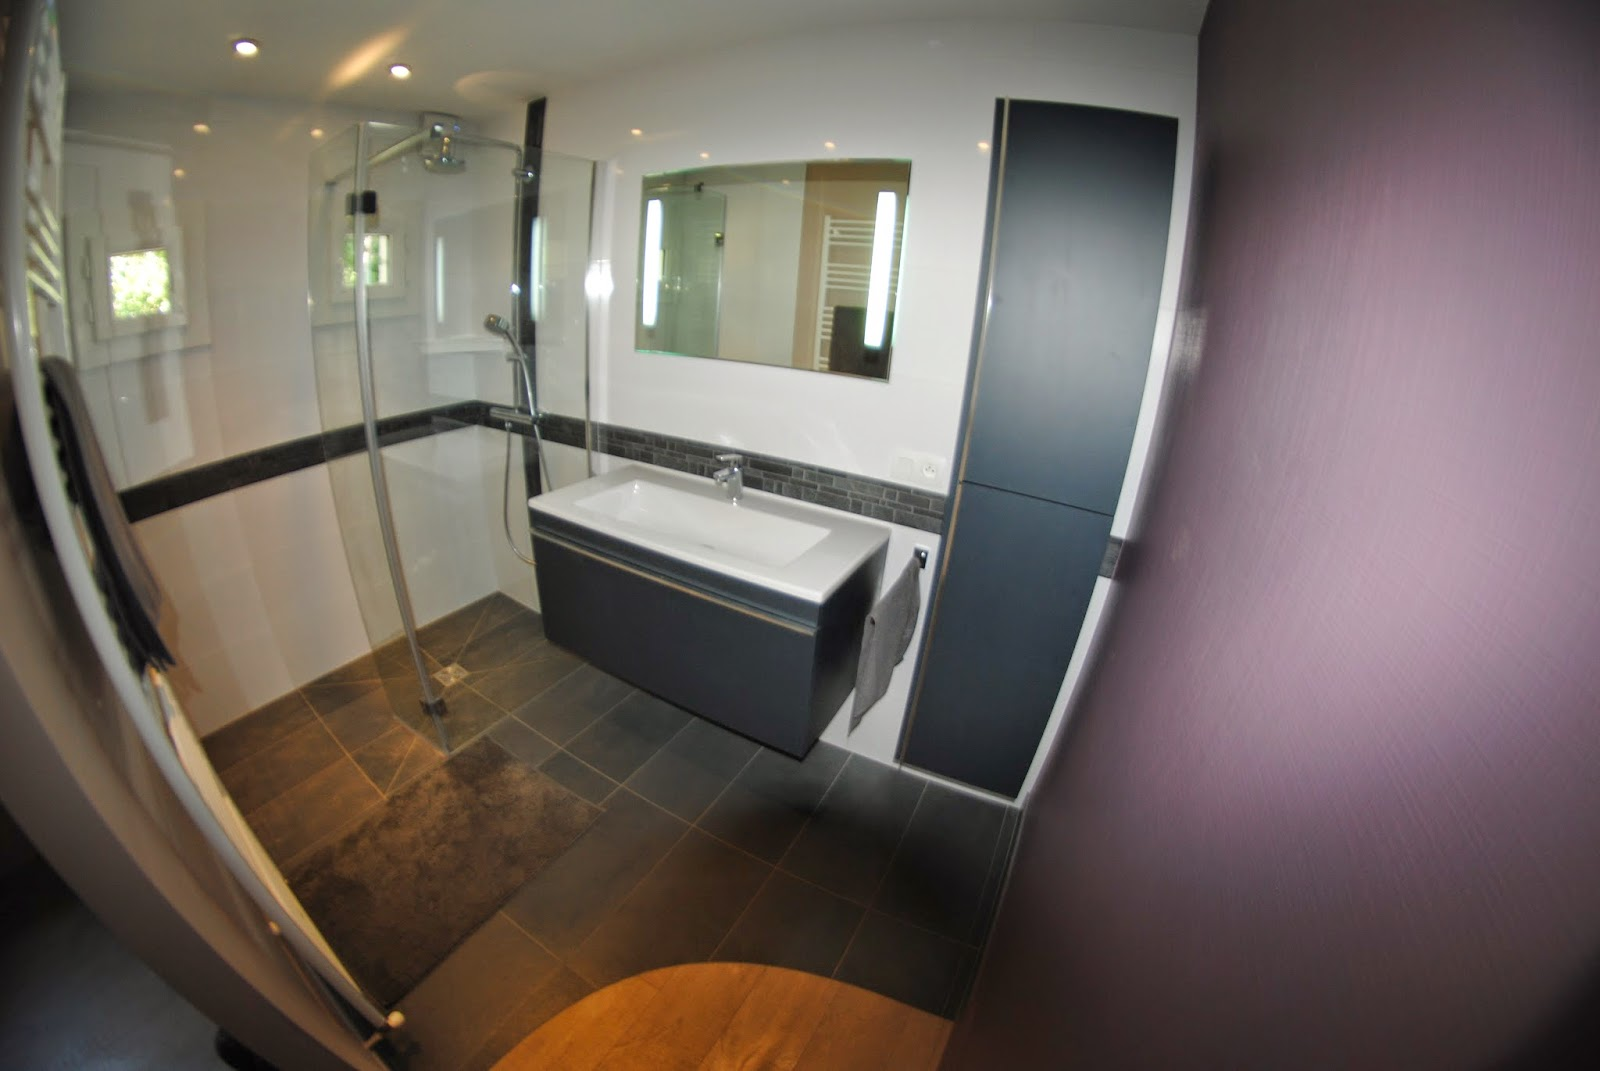 #684730 CREATION DE SALLES DE BAINS DOUCHE A L' ITALIENNE ET  2743 petite salle de bain haut de gamme 1600x1071 px @ aertt.com